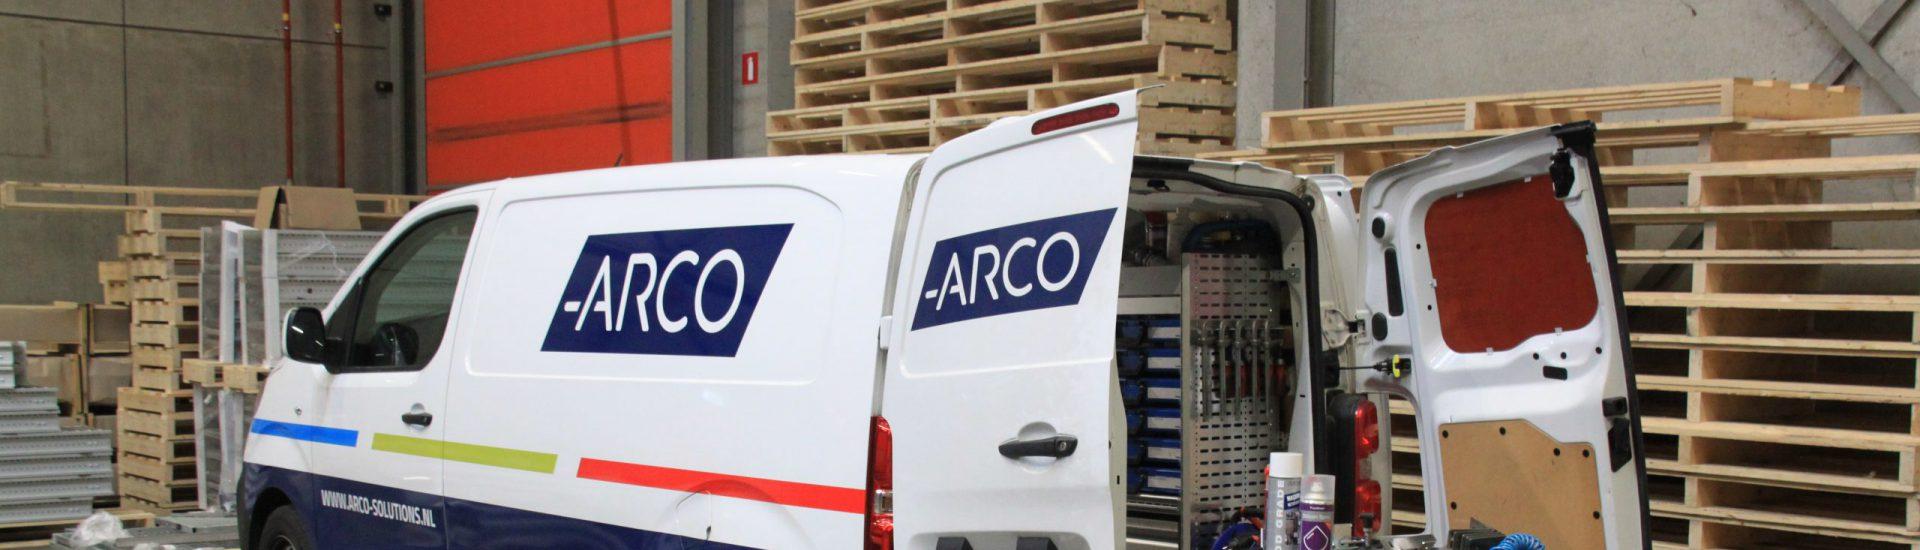 Arco bedrijfswagen